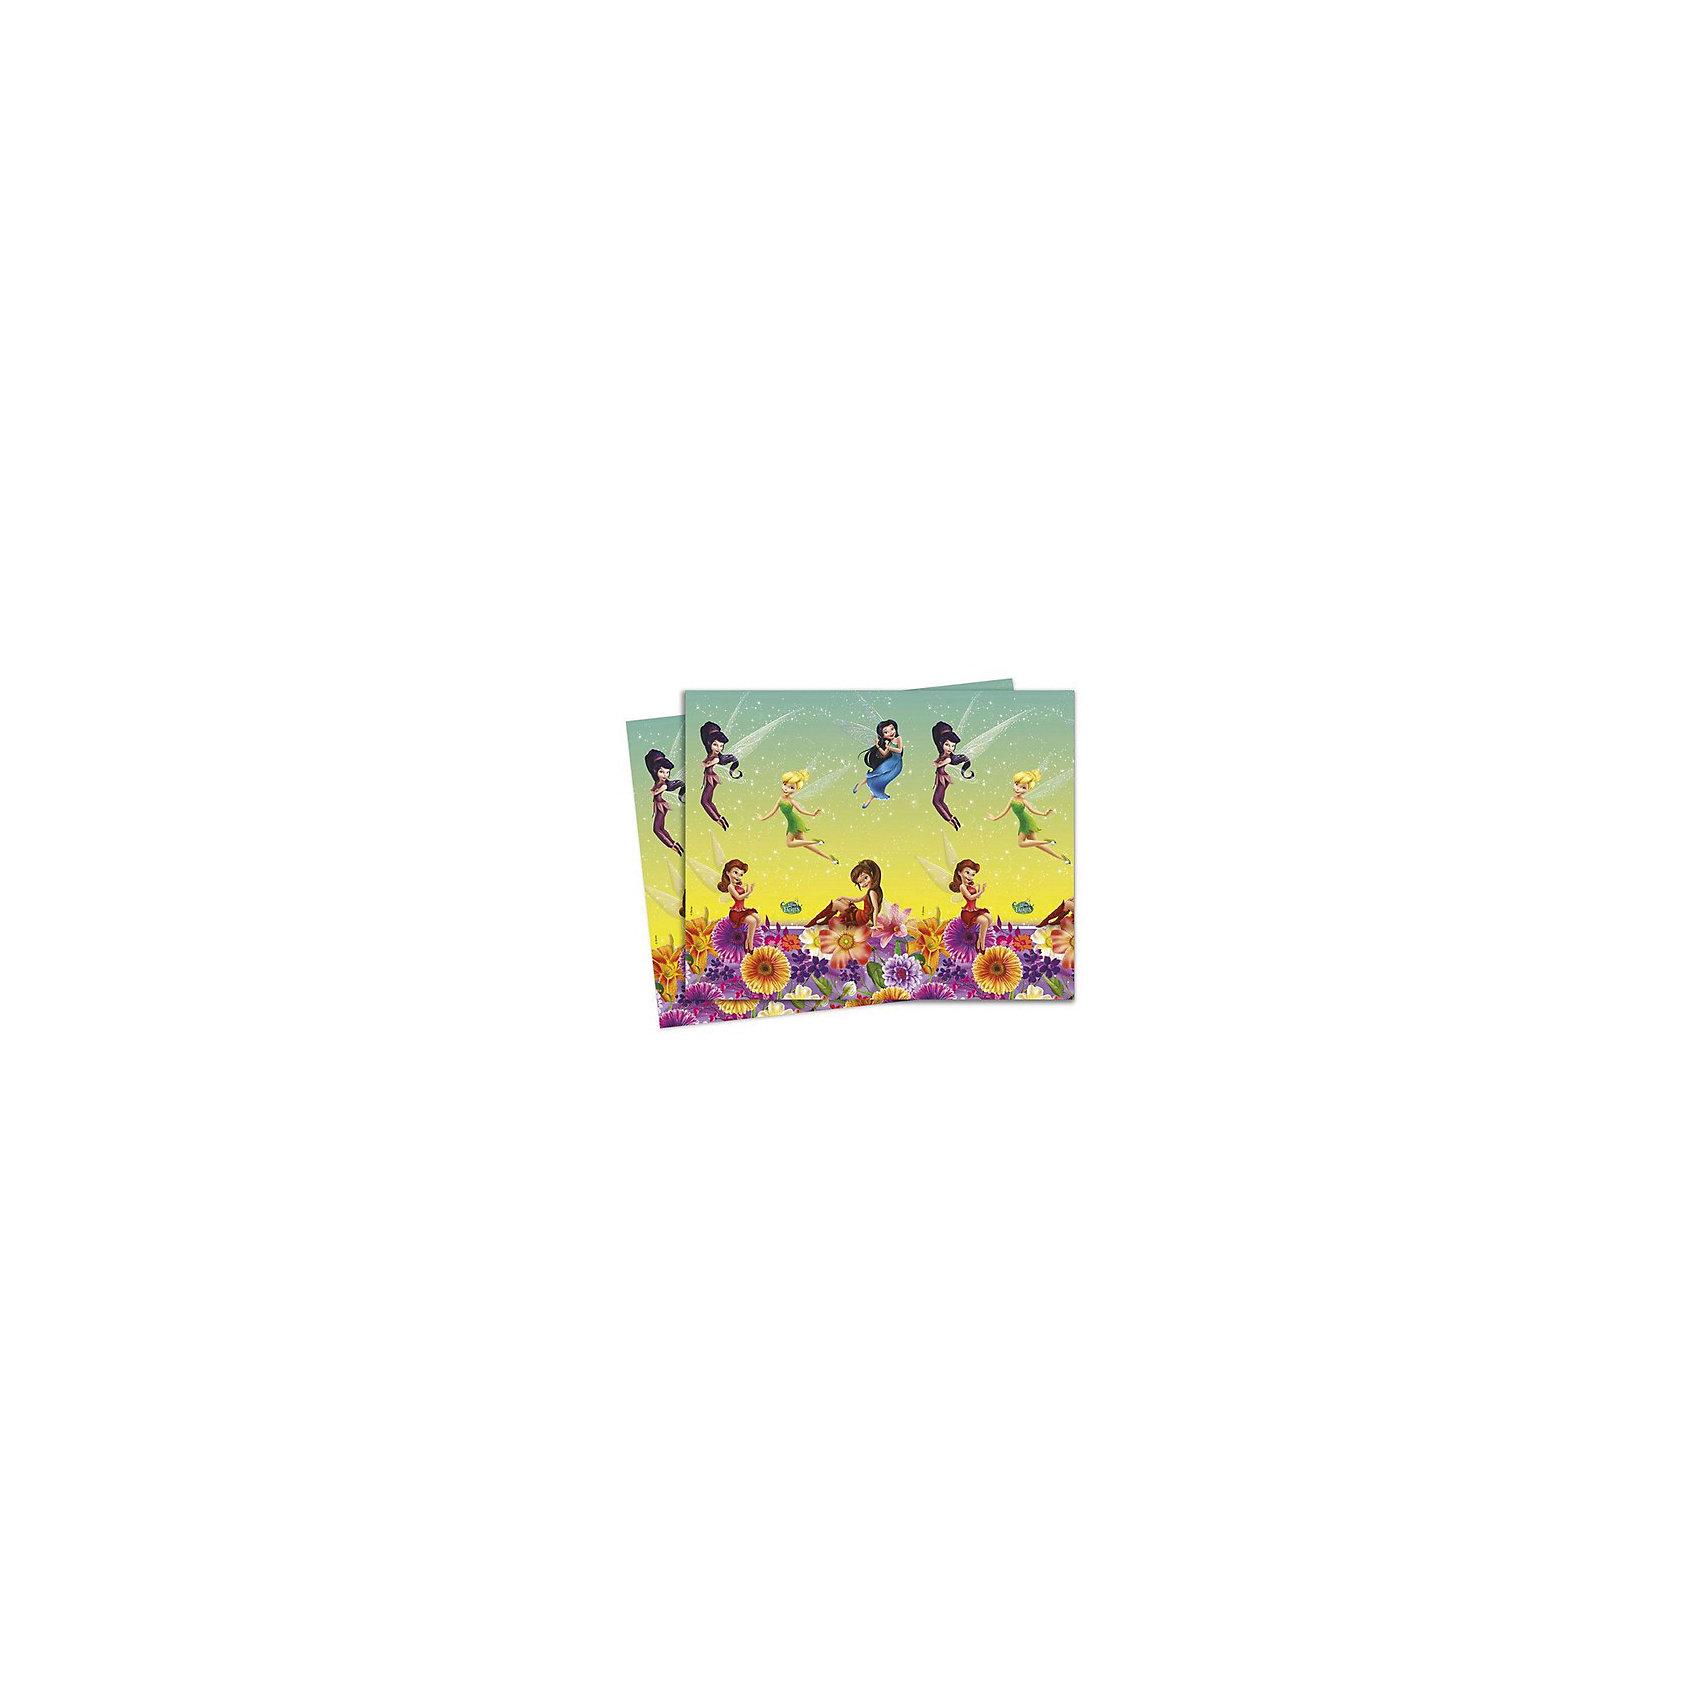 Скатерть Волшебные феиВсё для праздника<br>Характеристики товара:<br><br>• возраст: от 3 лет;<br>• упаковка: пакет;<br>• размер упаковки: 37х21х0,5 см.;<br>• количество в упаковке: 1 шт.;<br>• размер скатерти: 120х180 см.;<br>• цвет: розовый с рисунком;<br>• материал: полипропилен ;<br>• бренд, страна: Procos, Россия;<br>• страна-производитель: Греция.<br><br>Скатерть «Волшебные феи» поможет создать атмосферу уюта и домашнего тепла в интерьере вашей кухни, а также станет настоящим украшением праздничного стола. Скатерть, на которой в ярких цветах отдыхает прекрасная фея сделает ваш праздник ещё более ярким и порадует всех гостей.<br><br>Товары для праздника, созданные компанией Procos, отличаются высоким качеством используемого материала. Скатерть изготовлена из водоотталкивающего полиэтилена,который облегчит вам процесс уборки после праздника.<br><br>Скатерть «Волшебные феи» , 120х180 см., 1 шт., Procos (Прокос)  можно купить в нашем интернет-магазине.<br><br>Ширина мм: 20<br>Глубина мм: 165<br>Высота мм: 165<br>Вес г: 10<br>Возраст от месяцев: 36<br>Возраст до месяцев: 120<br>Пол: Женский<br>Возраст: Детский<br>SKU: 6914352